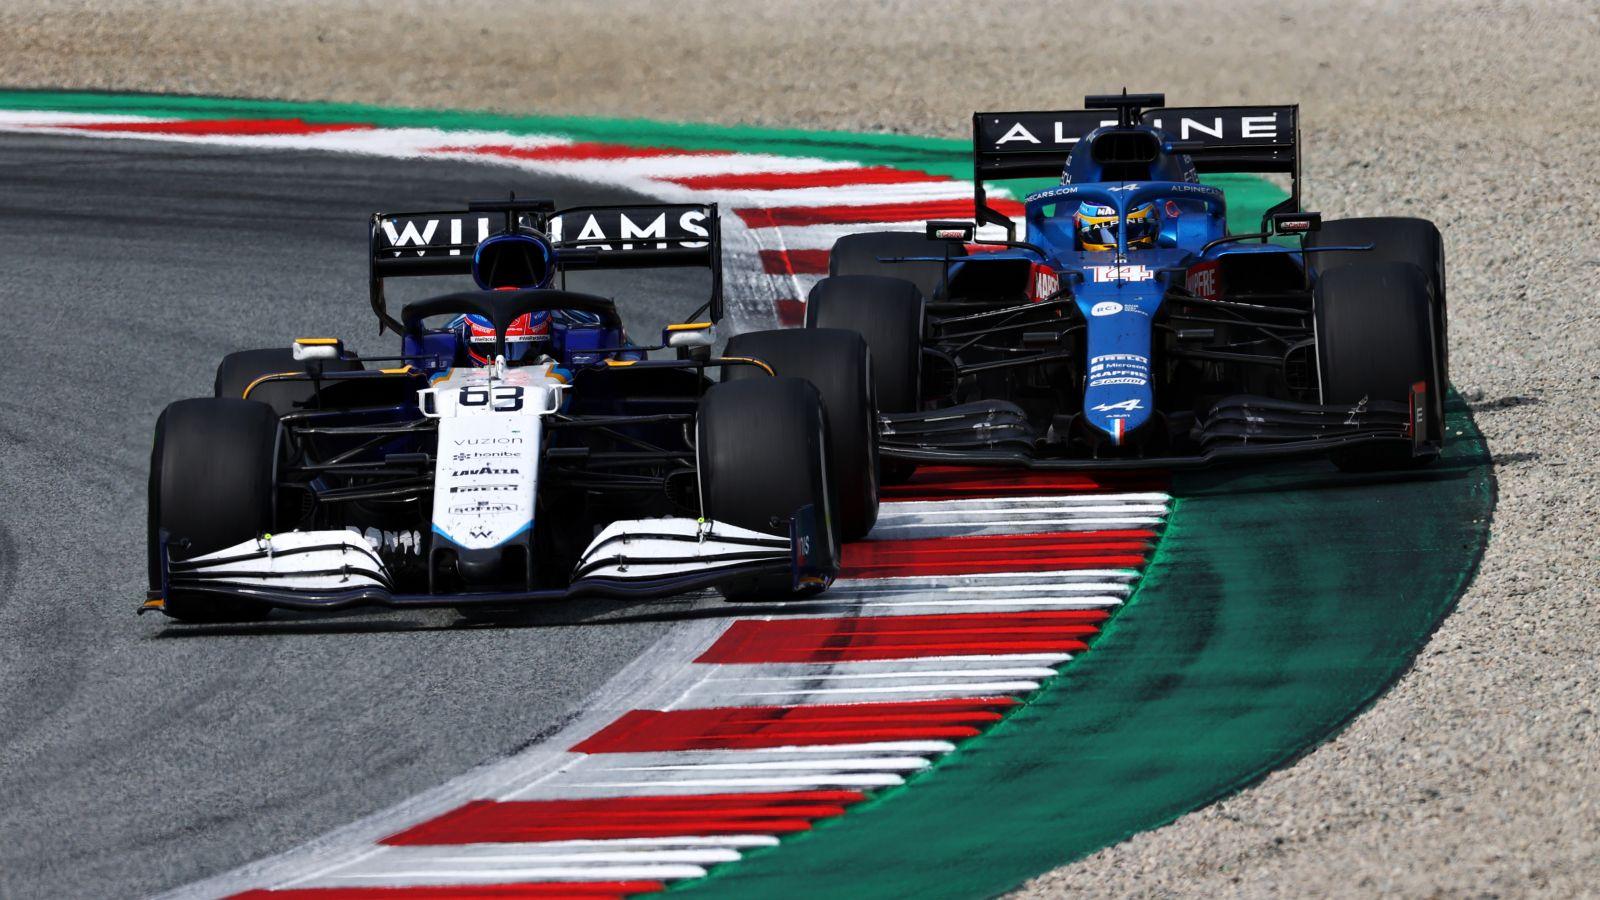 Russel e Alonso na corrida na Áustria (foto/ reprodução: Fórmula 1)